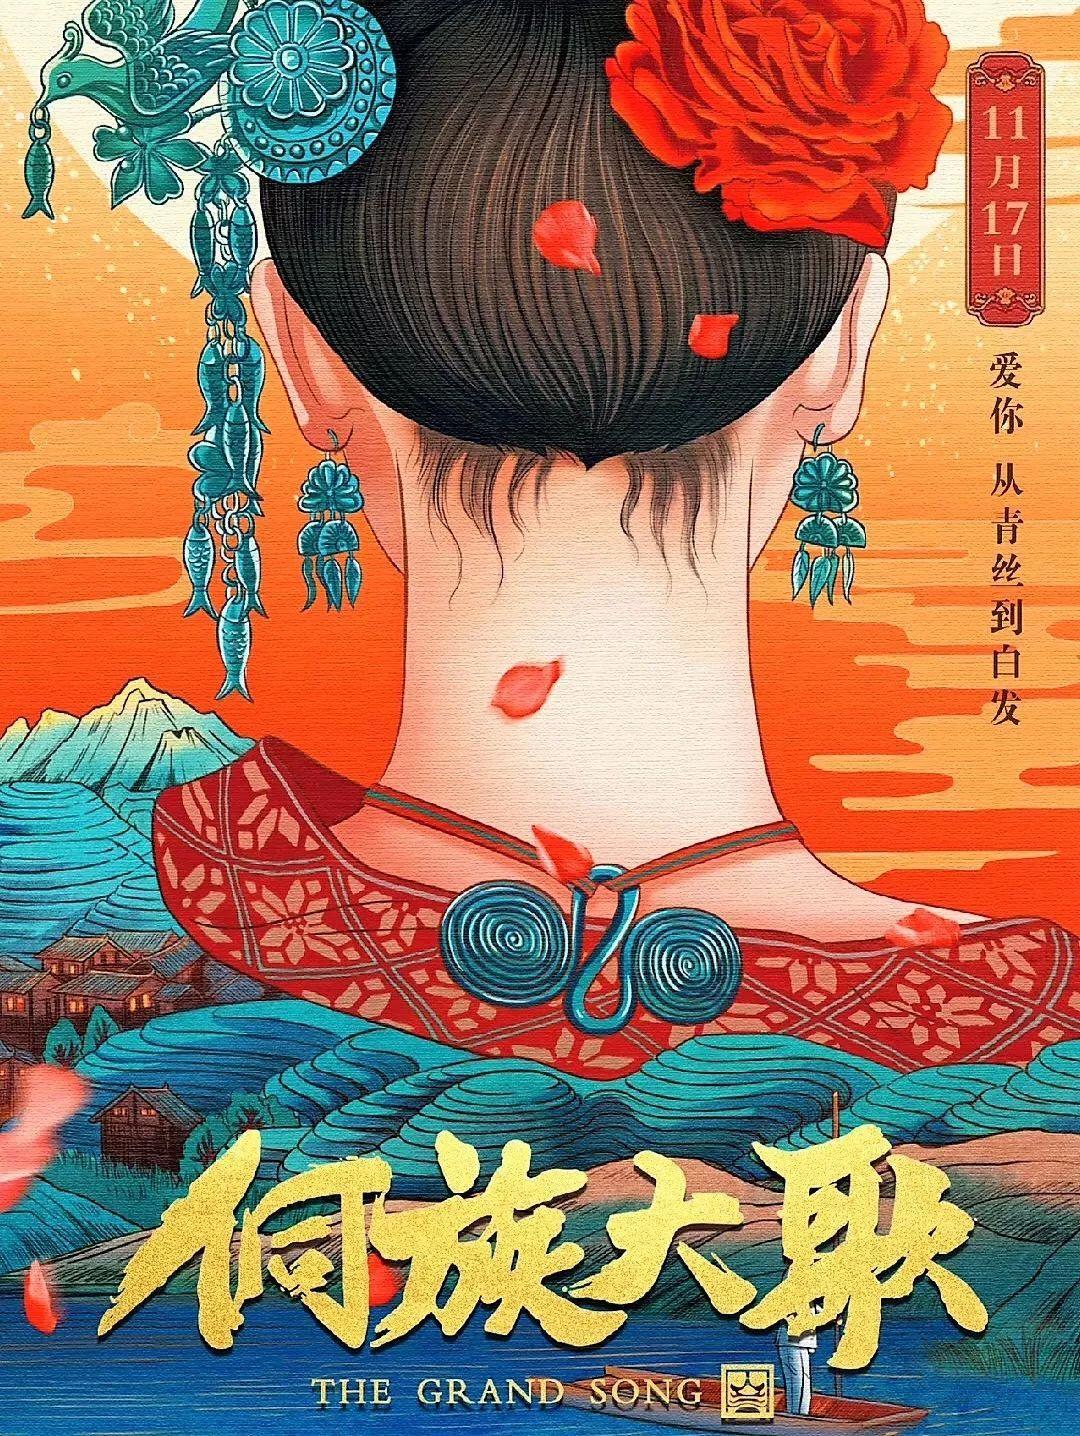 大歌��/&_电影《侗族大歌》海报